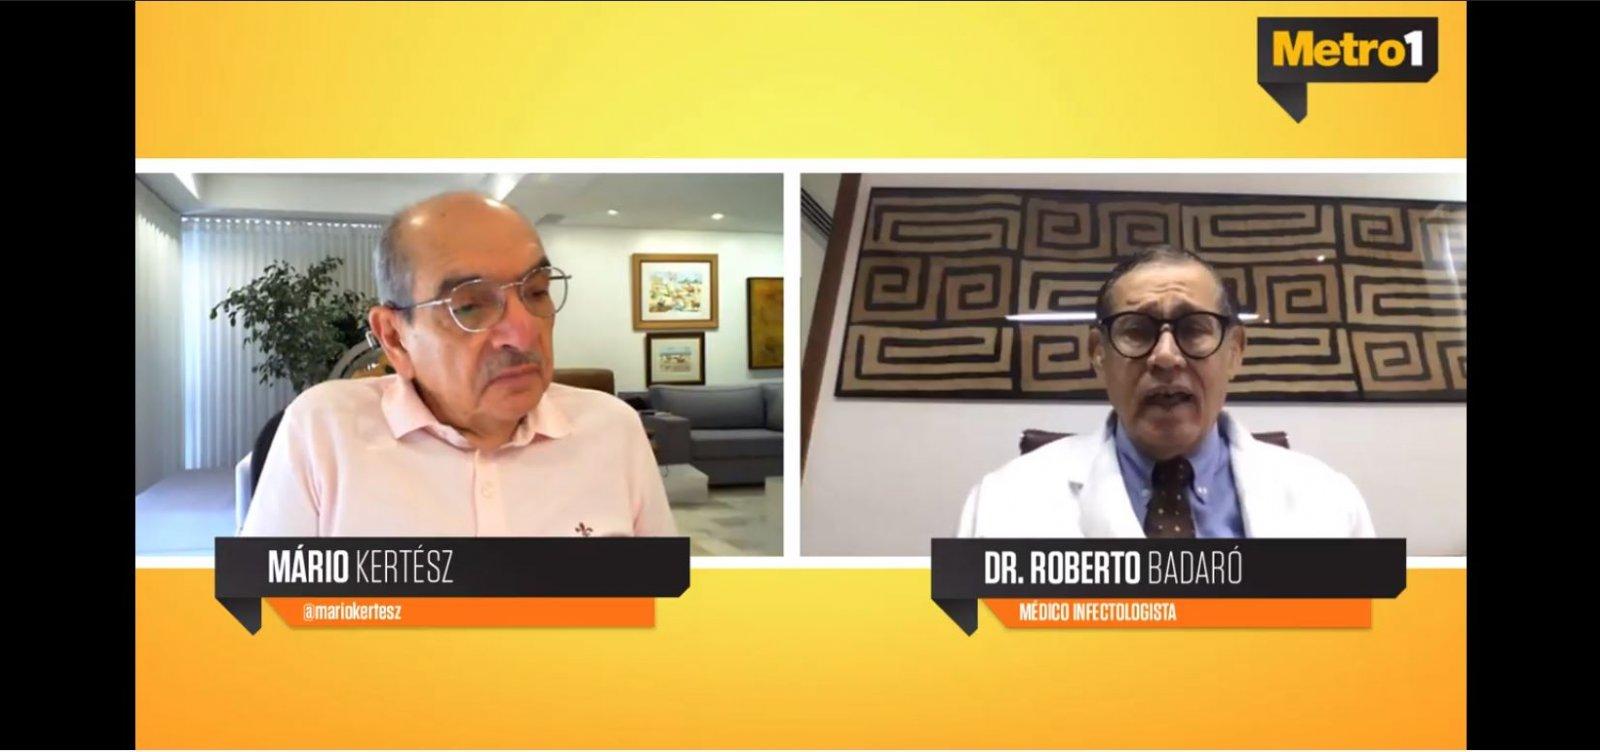 Badaró alerta para segunda onda de Covid-19 e elogia iniciativa estadual